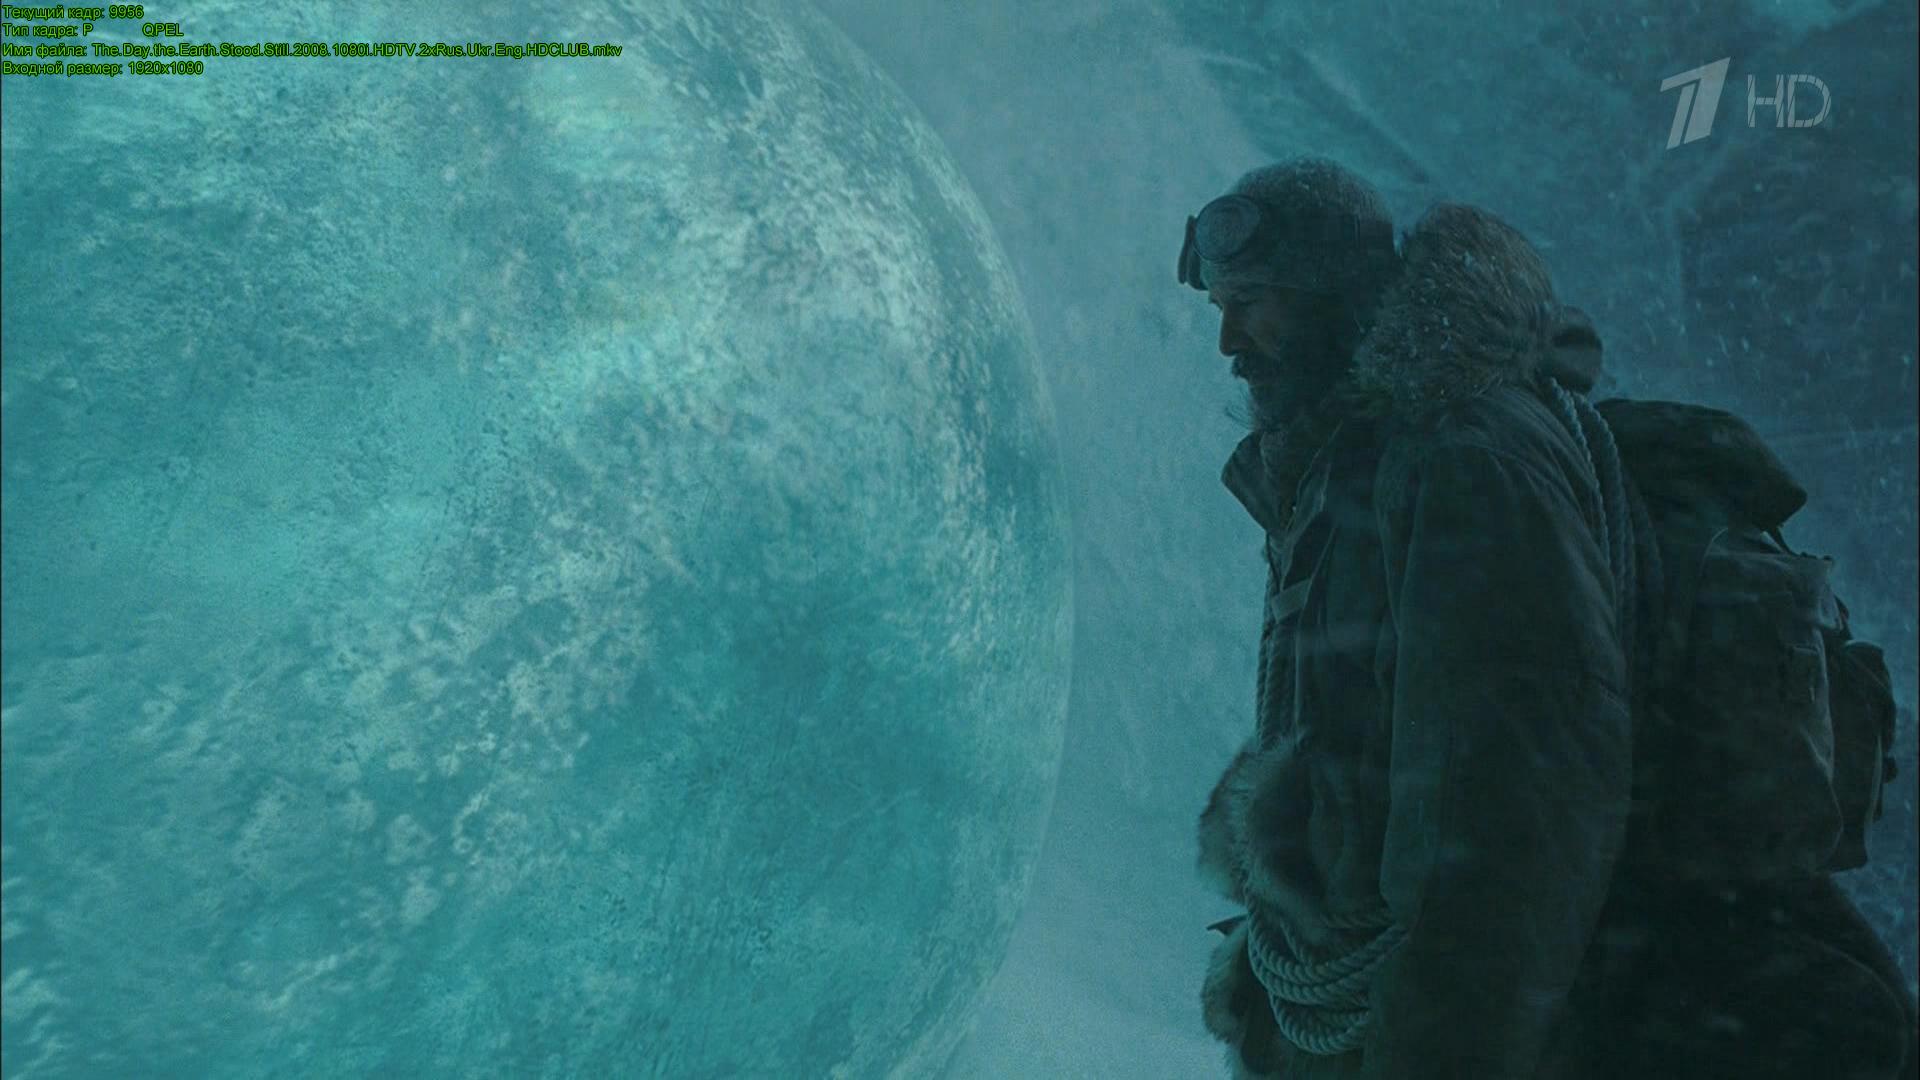 День, когда Земля остановилась / The Day the Earth Stood Still (2008) HDTV 1080i